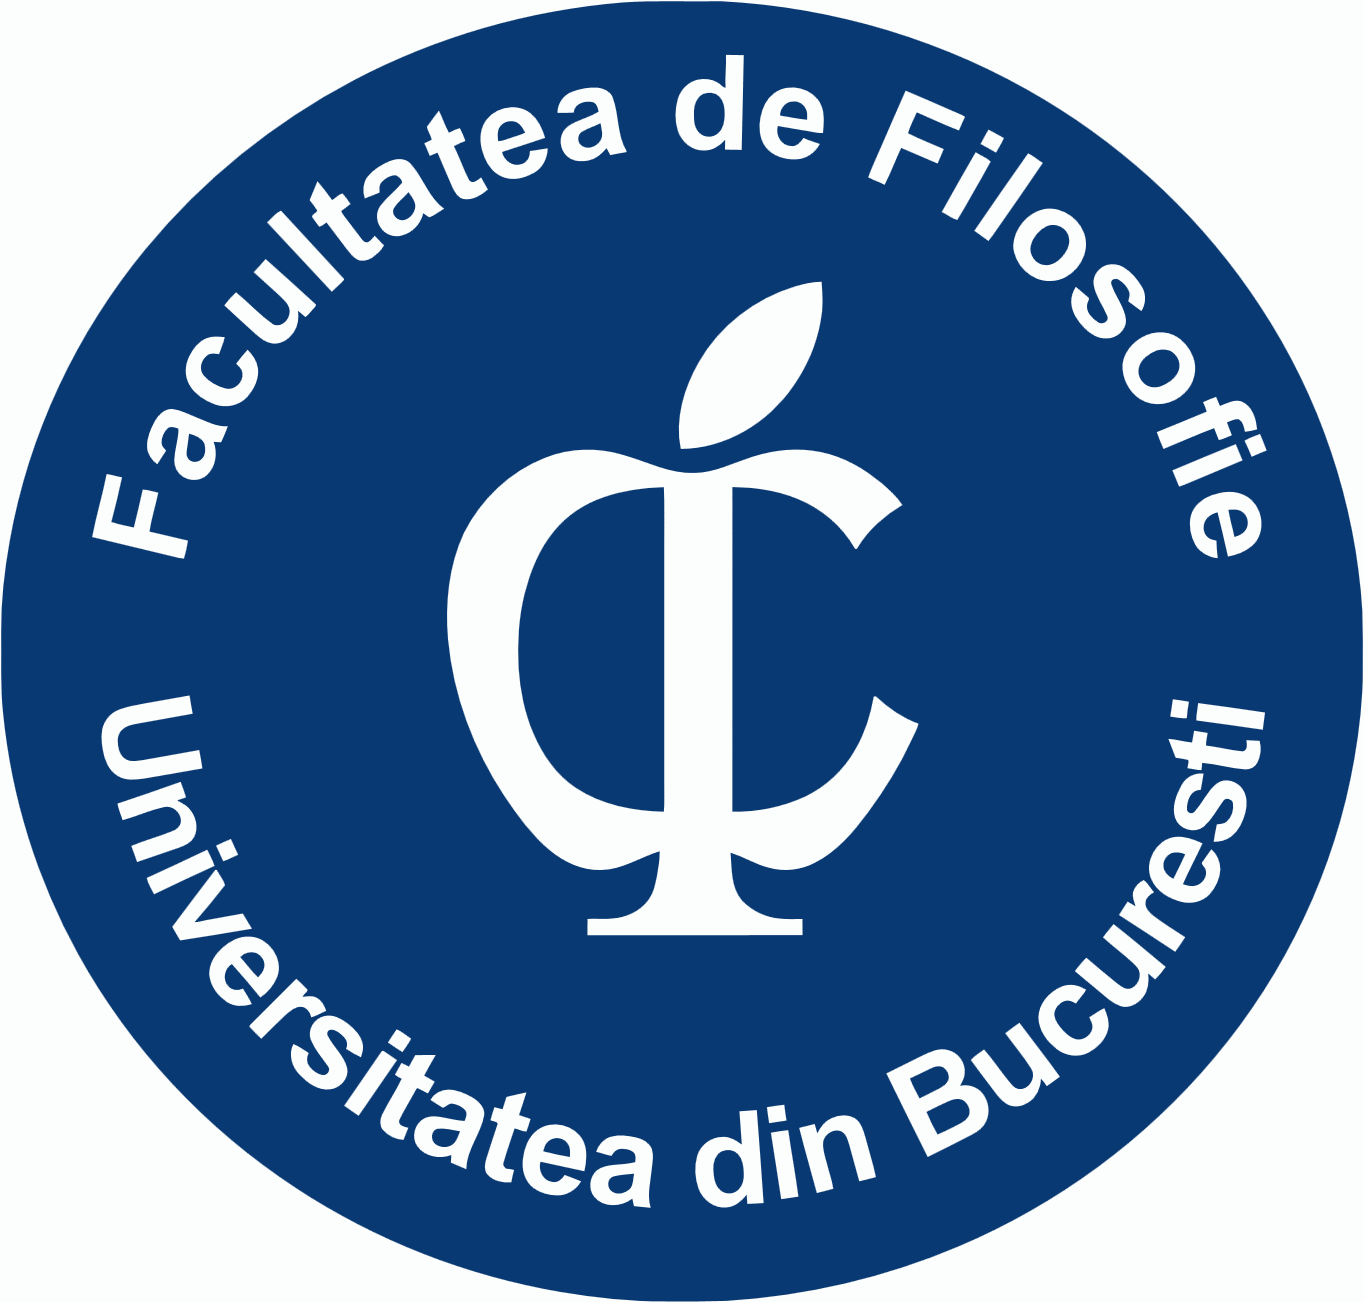 Anunț împrumuturi filiale BCU